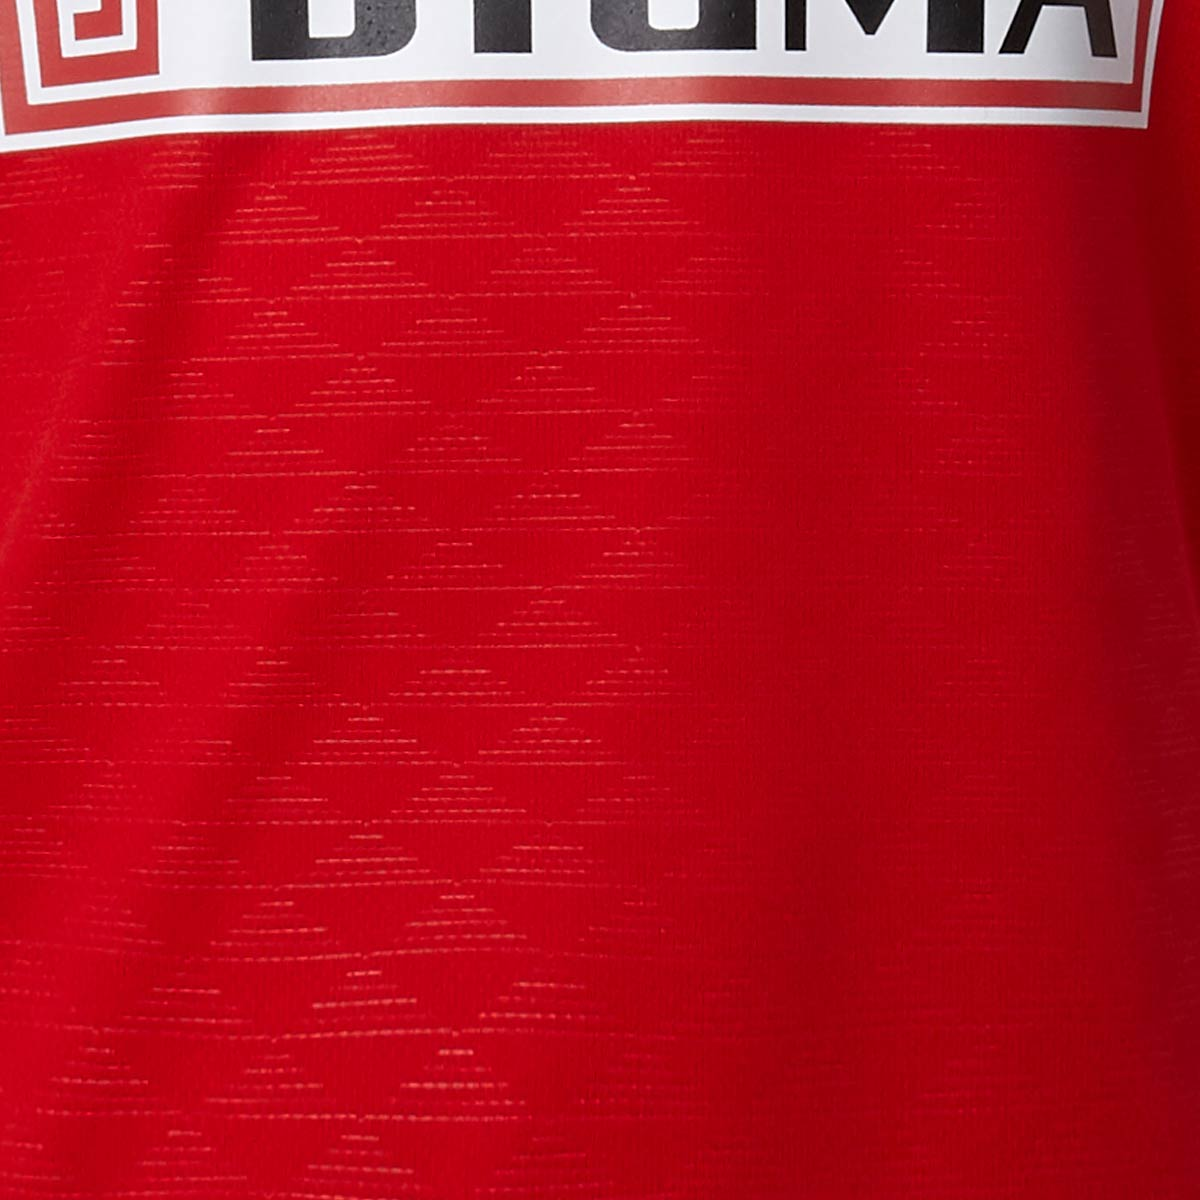 Puma Danmark Håndbold Landsholdstrøje Børn